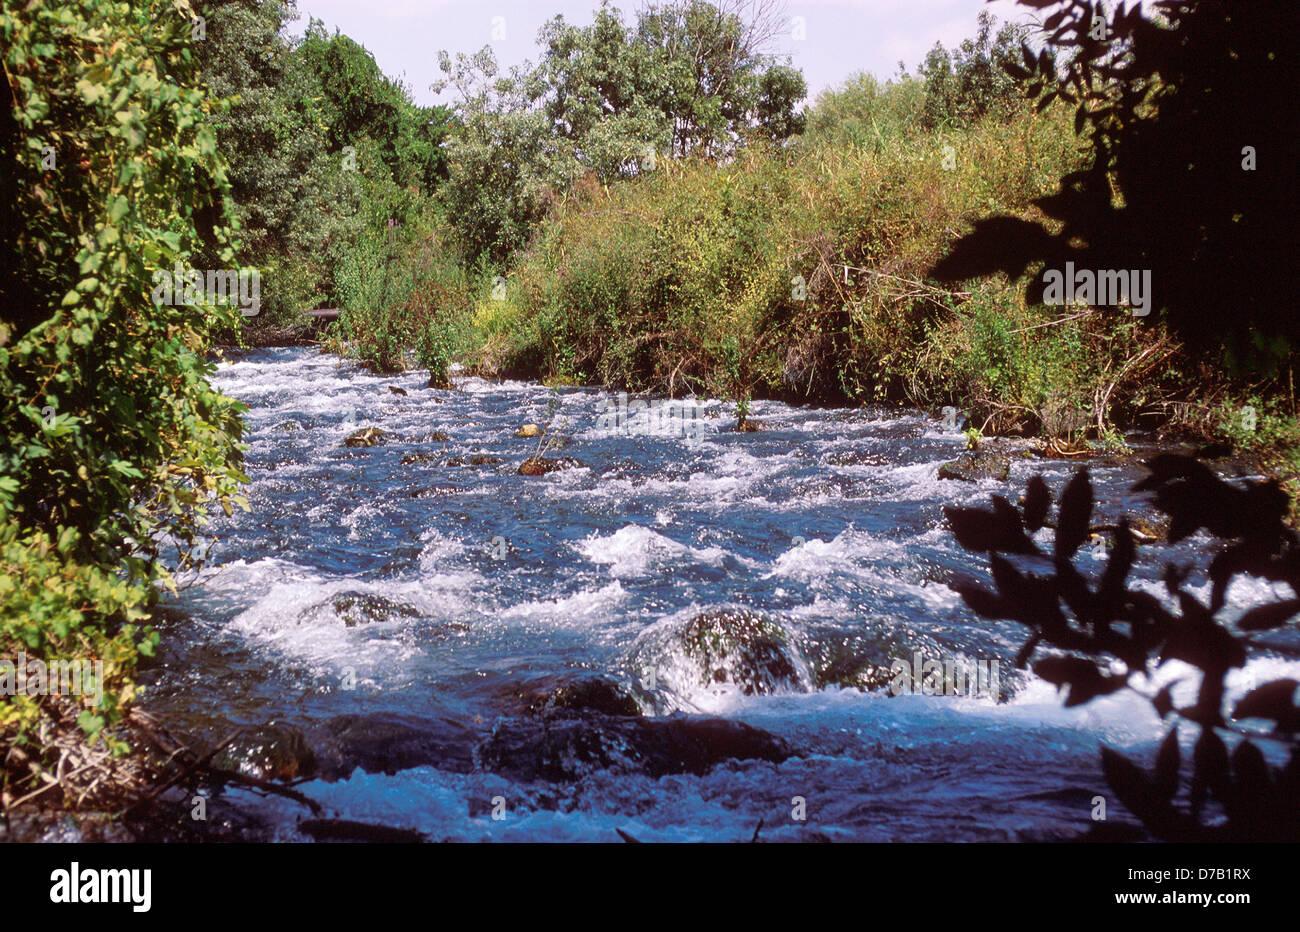 Dan nature reserve, galilee - Stock Image